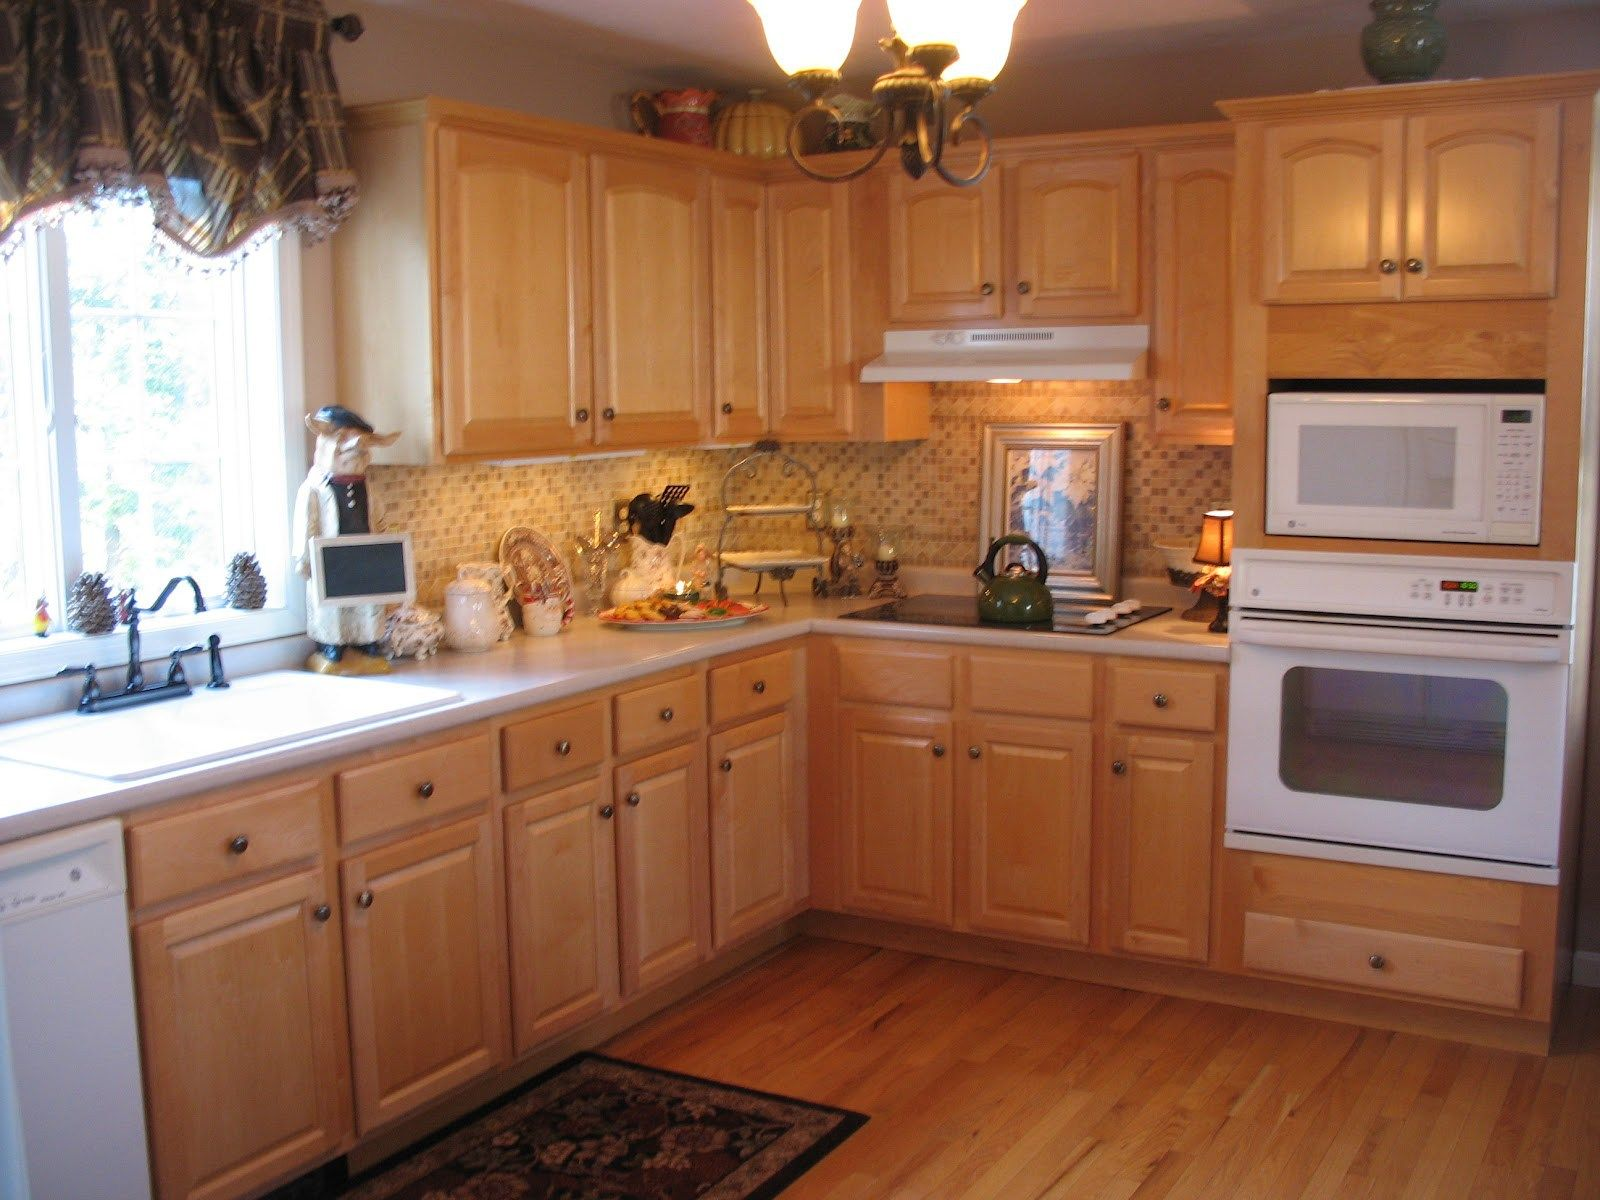 Kitchen Cabinets Paint Color Maple Kitchen Cabinets Paint